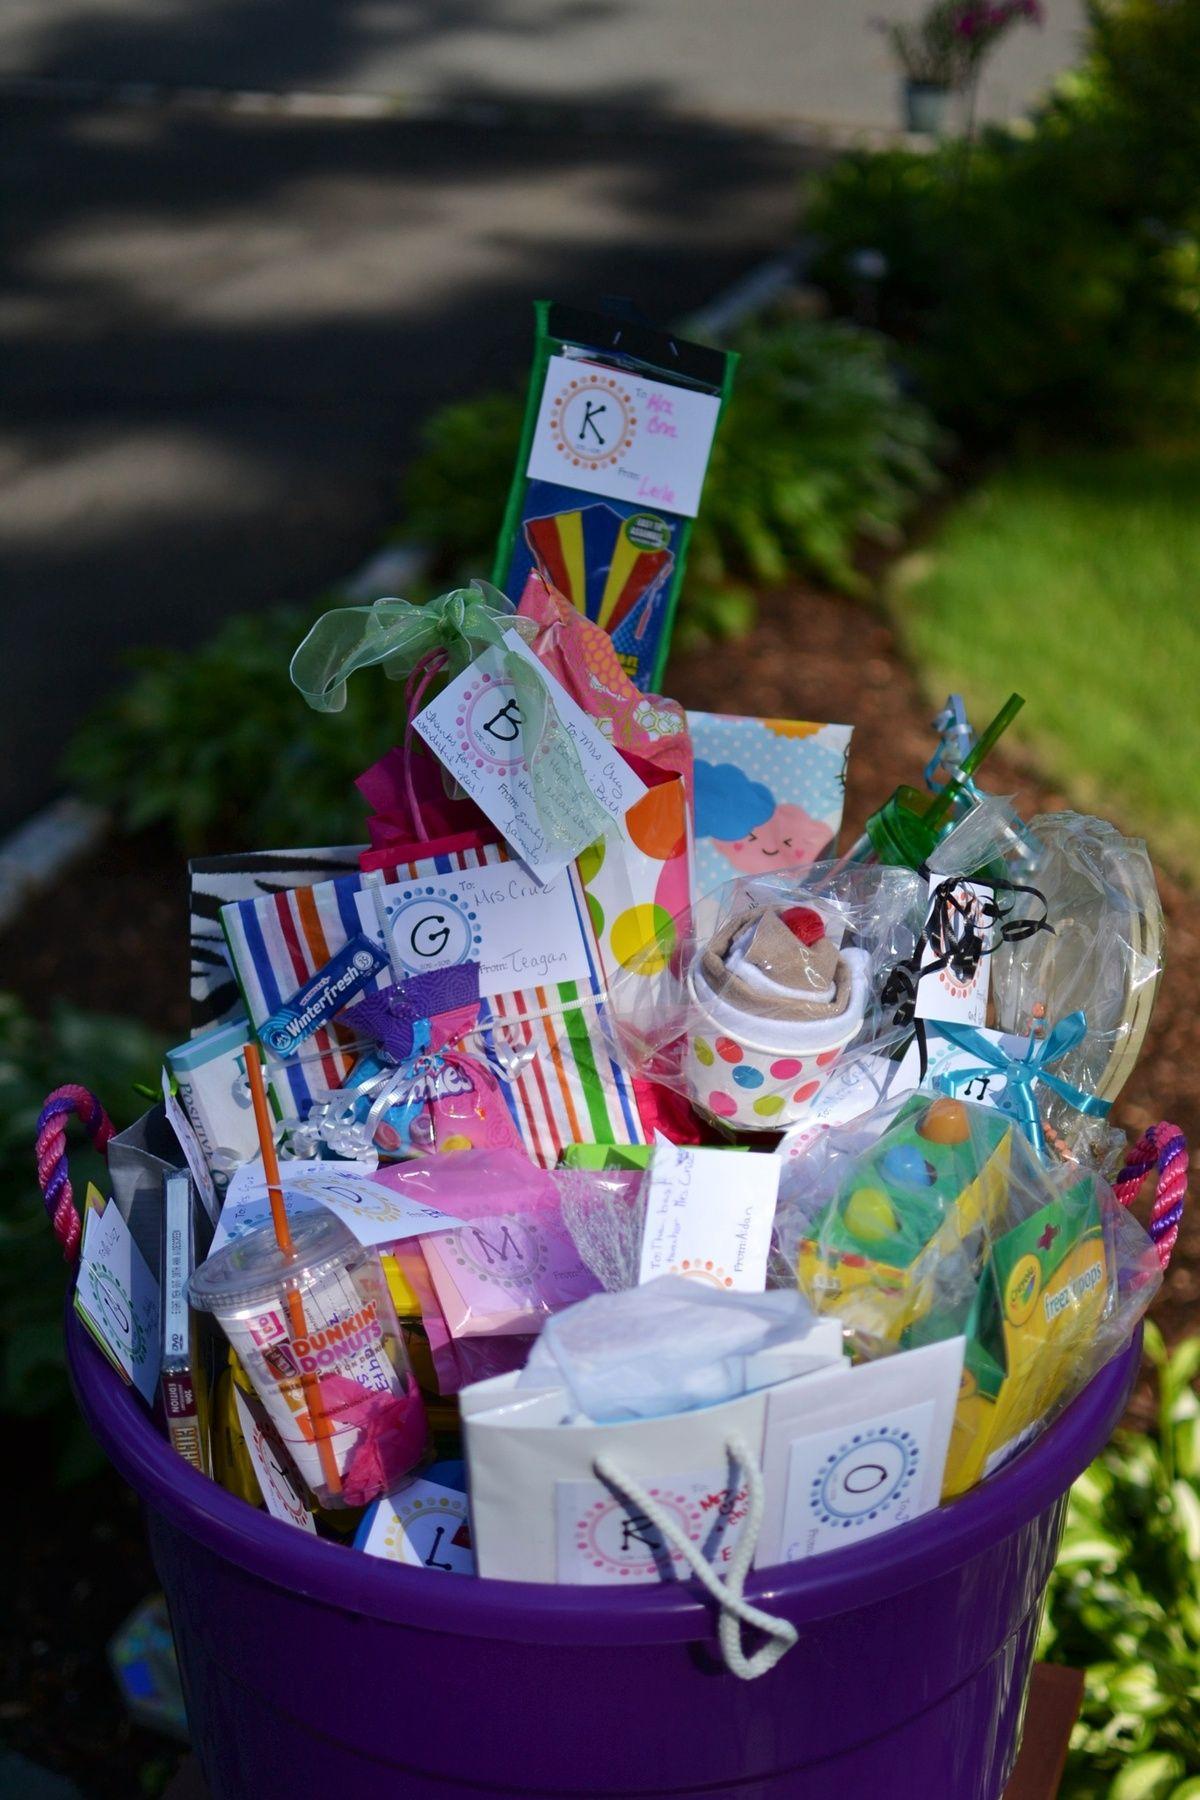 Pin by lissette ditommaso on gift giving ideas preschool